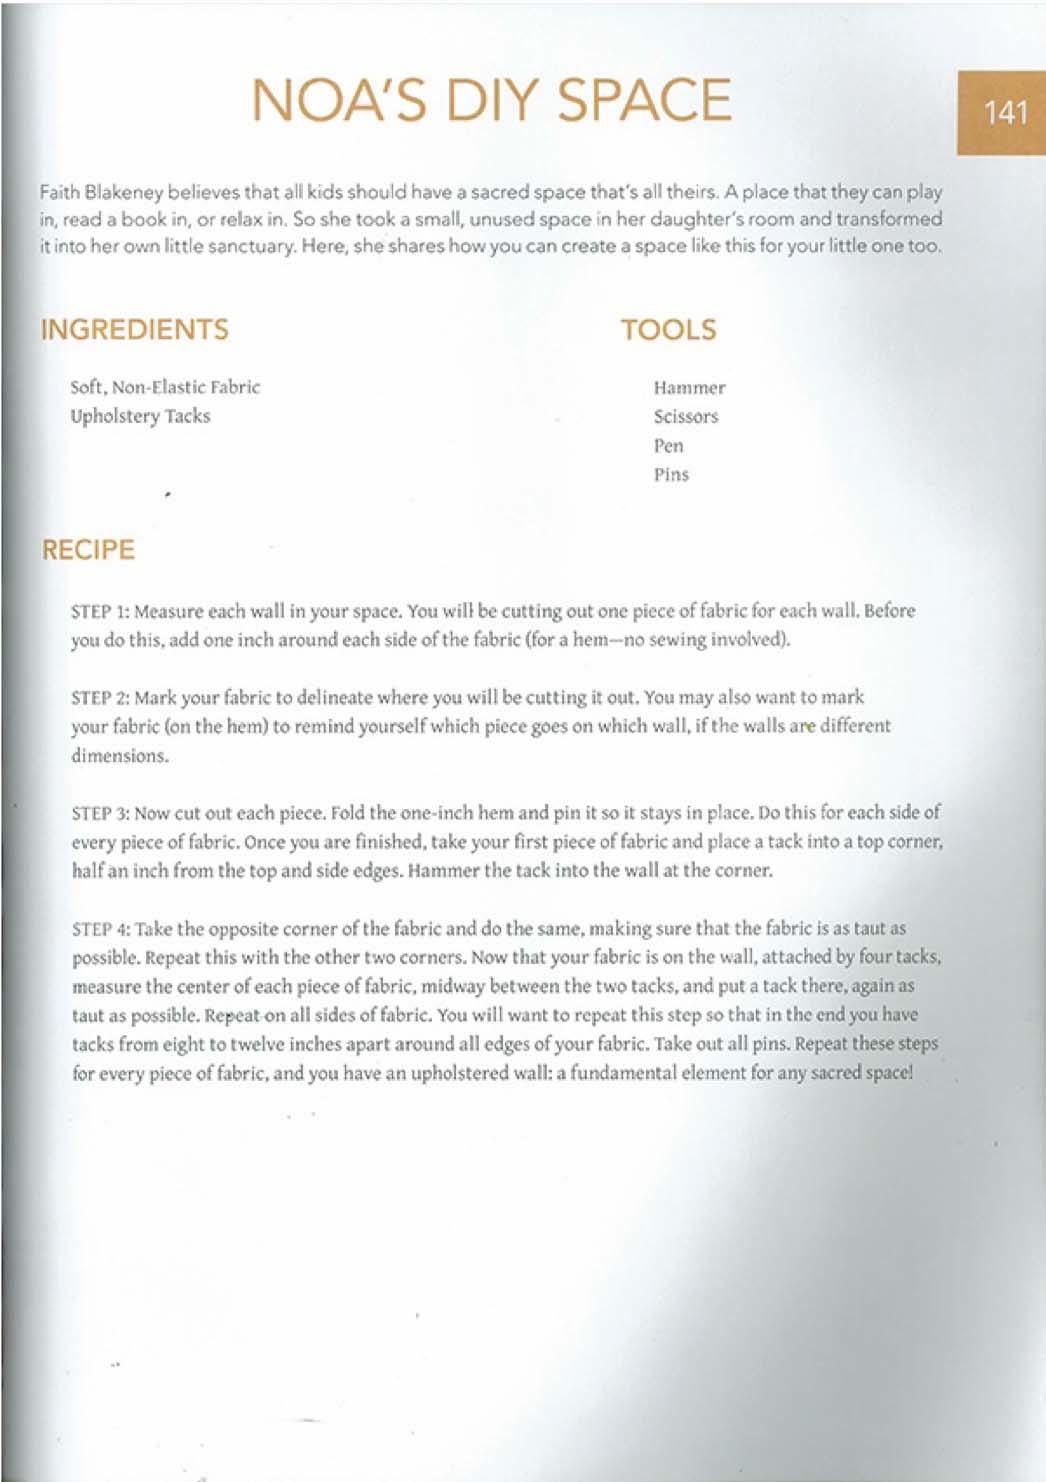 Design Cookbook2-cropped.jpg